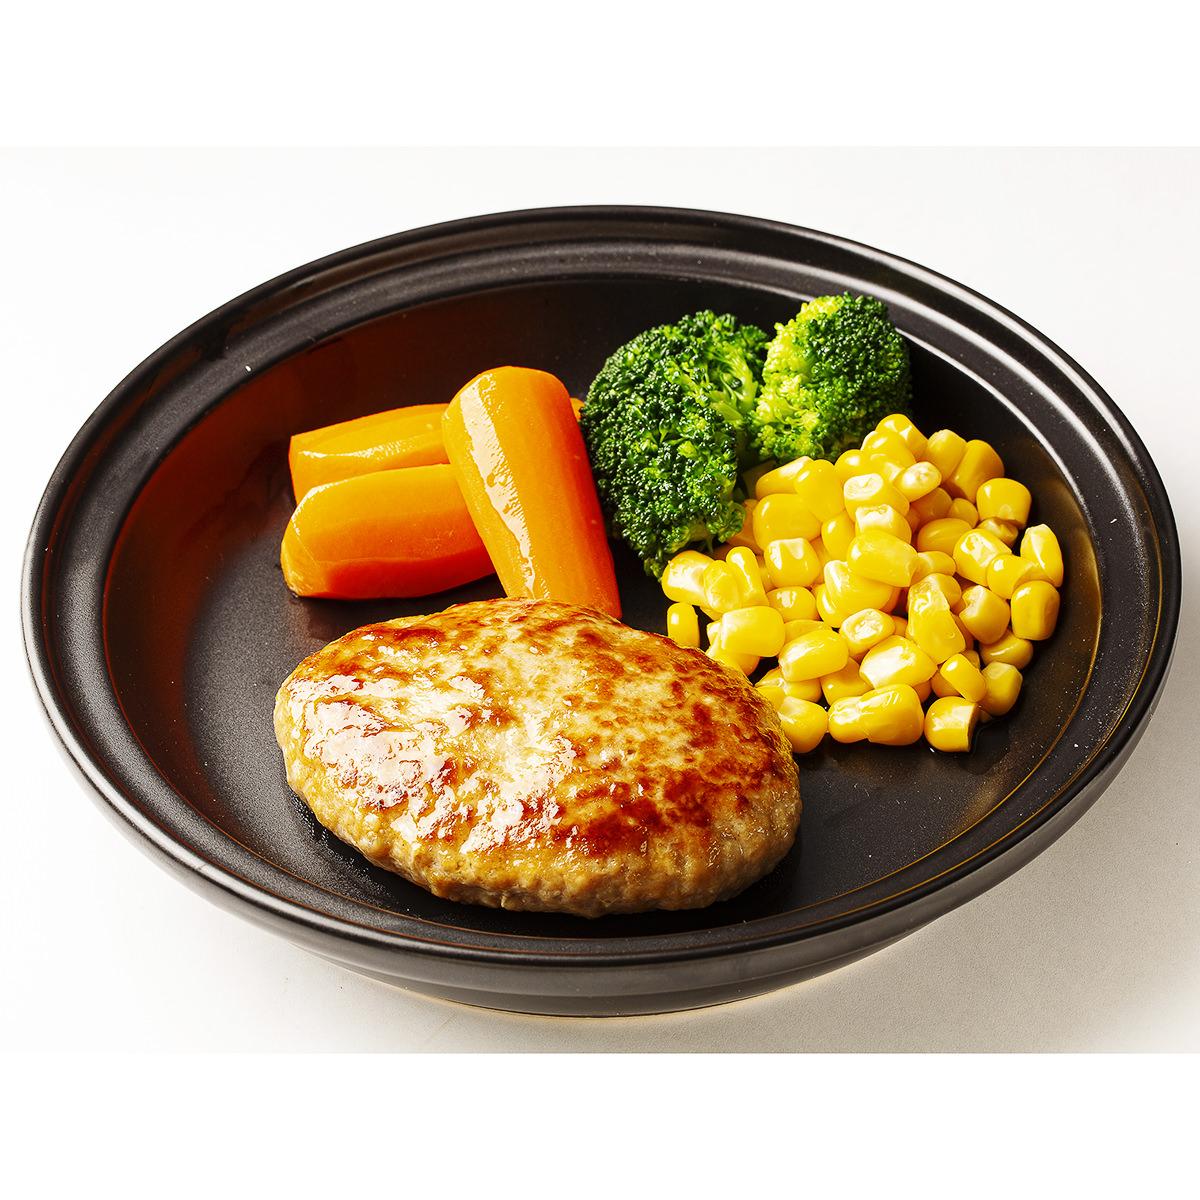 帯広ぶたいち 豚丼ハンバーグ 〔100g×20〕 ハンバーグ 惣菜 豚肉 北海道 北海道物産研究所